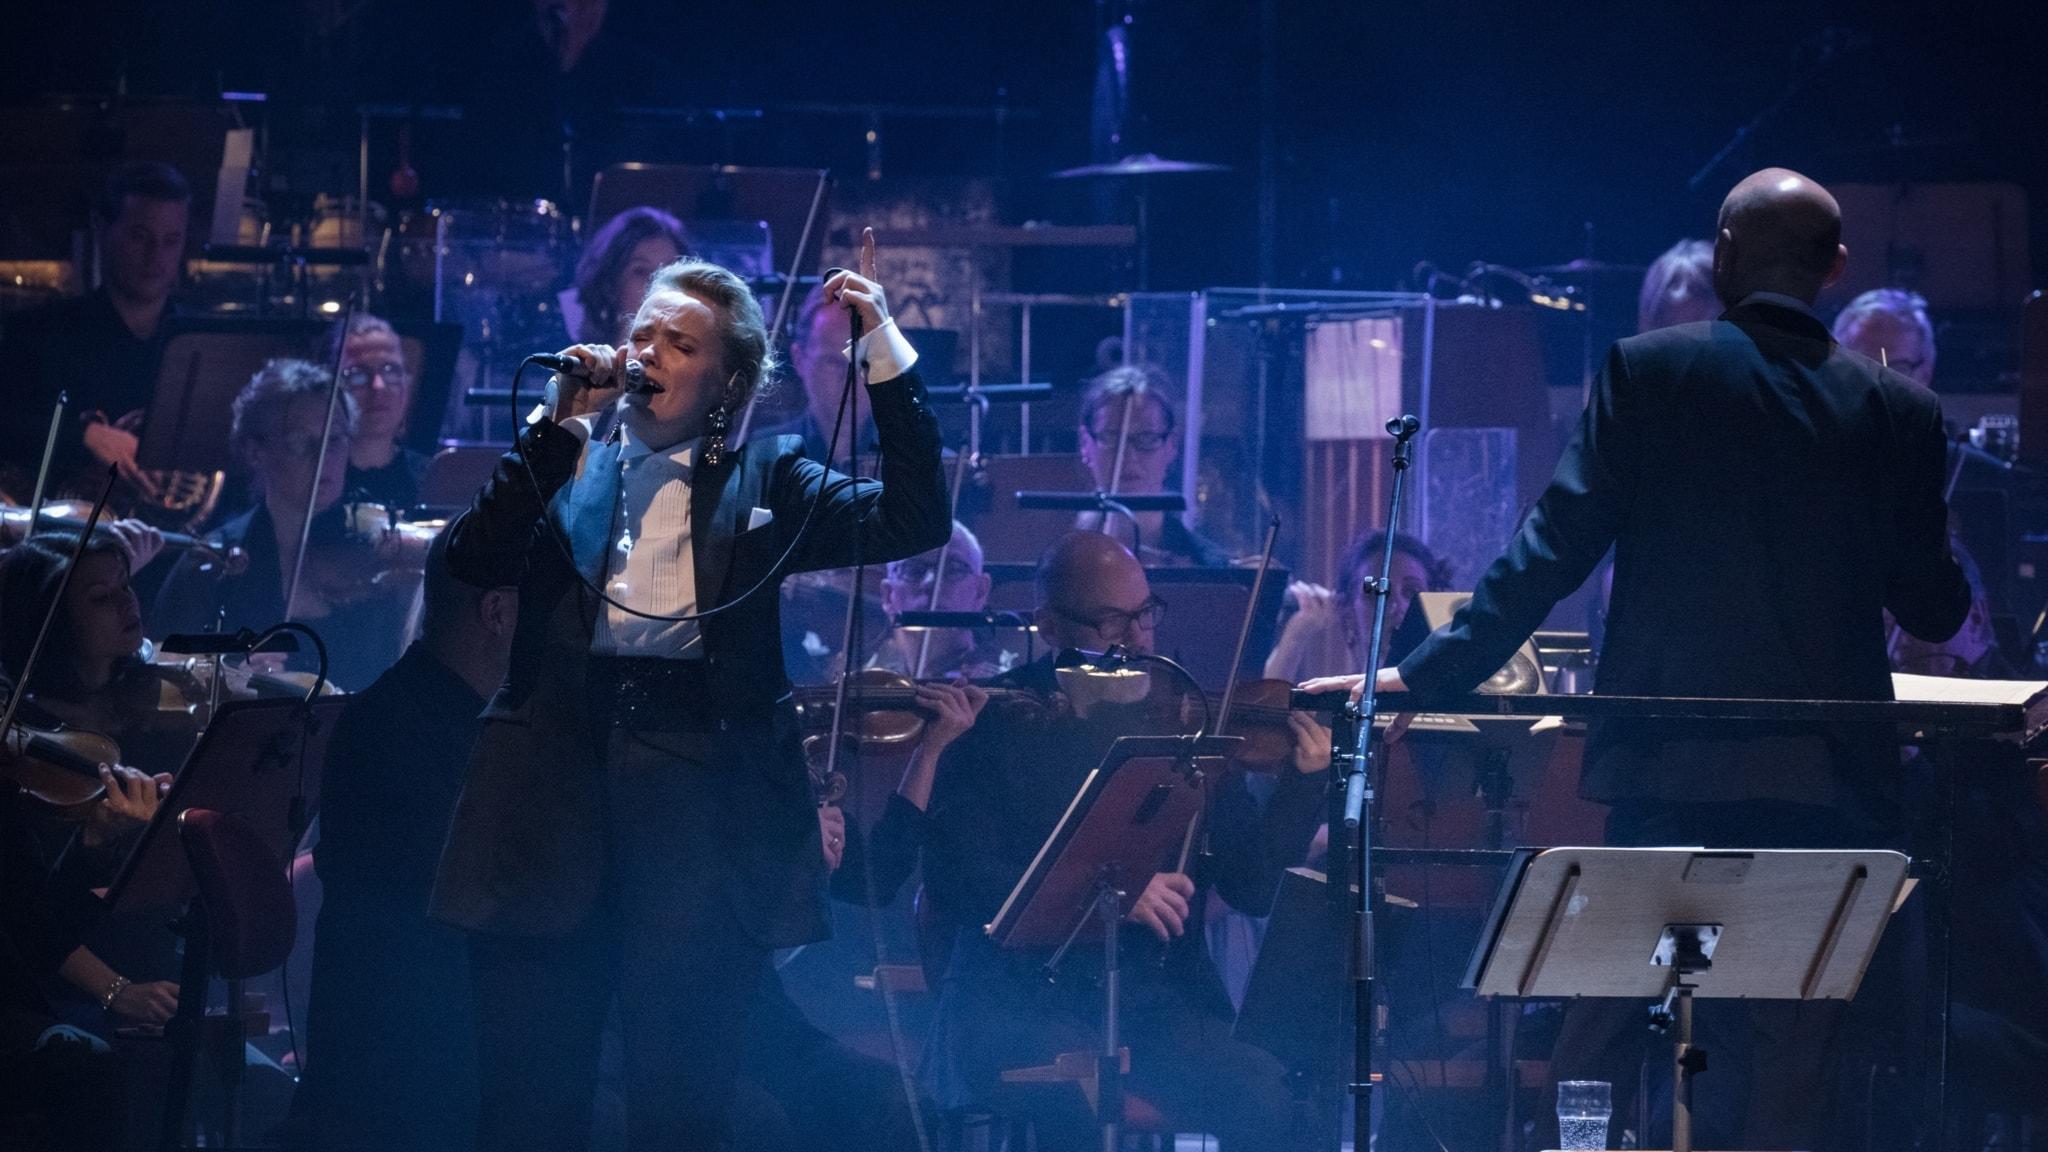 P4 Live med Ane Brun och Sveriges Radios Symfoniorkester